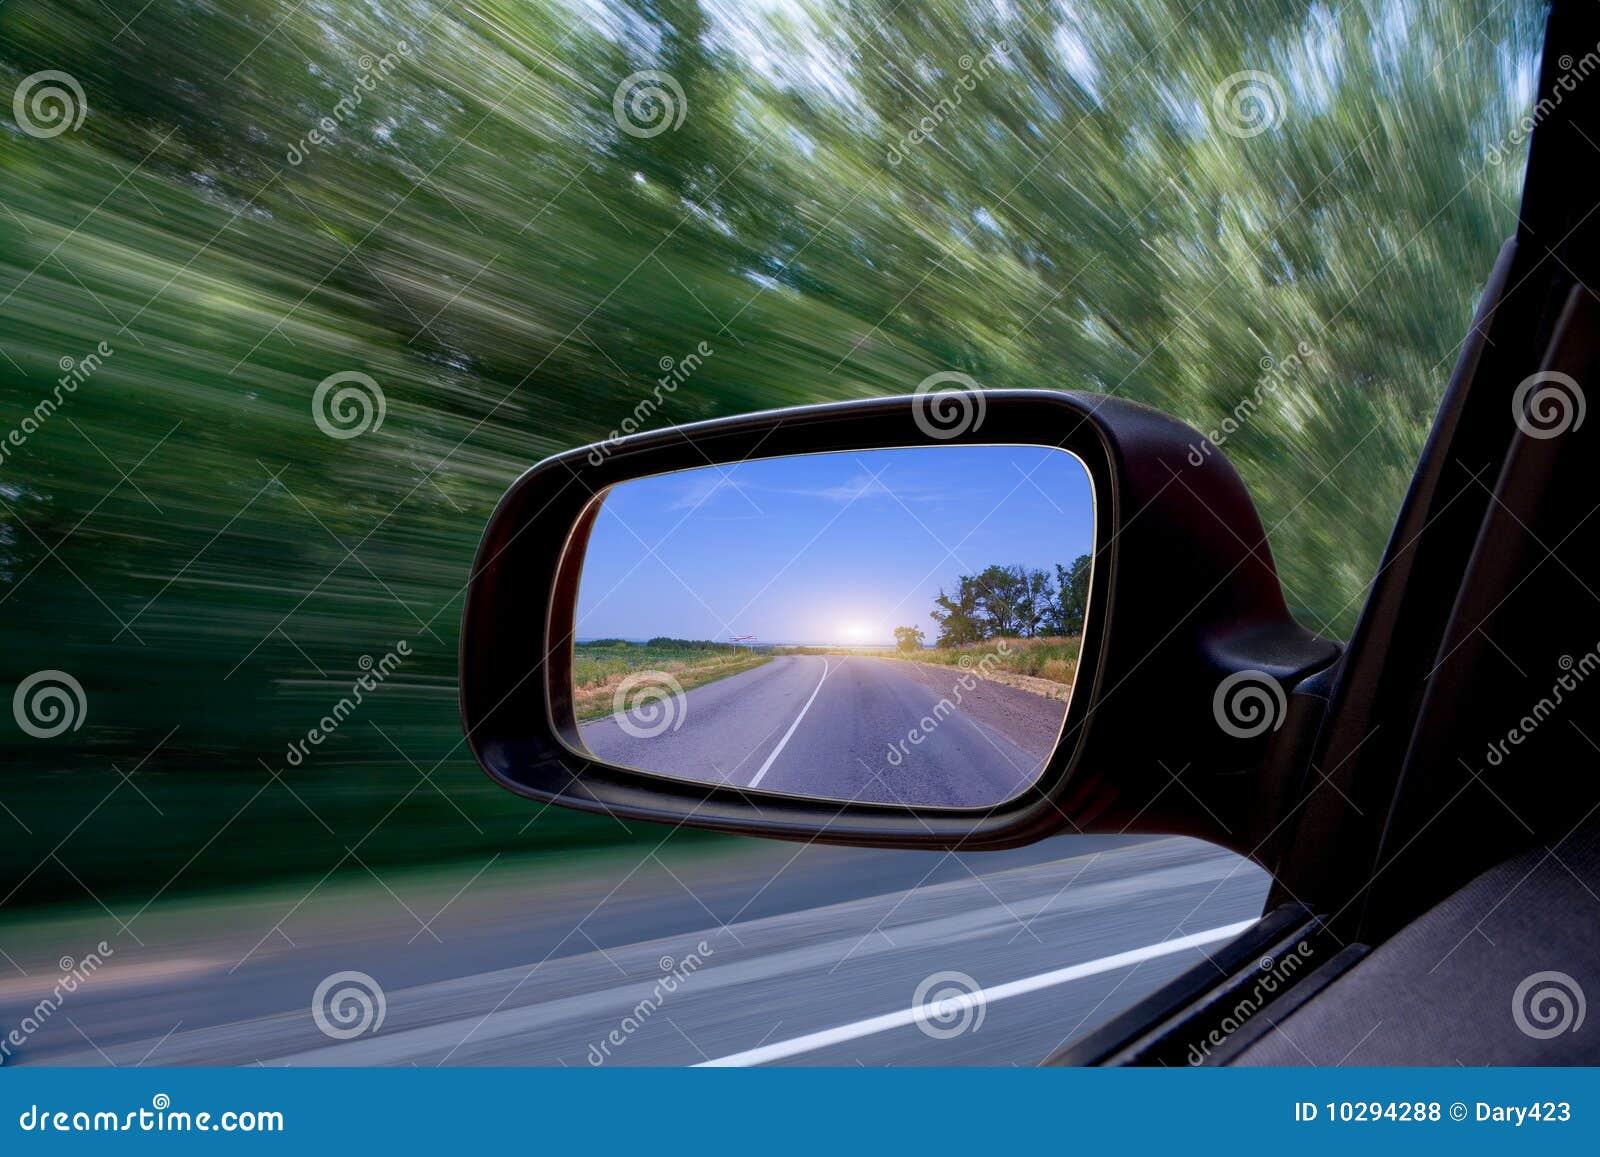 汽车镜子路侧视图